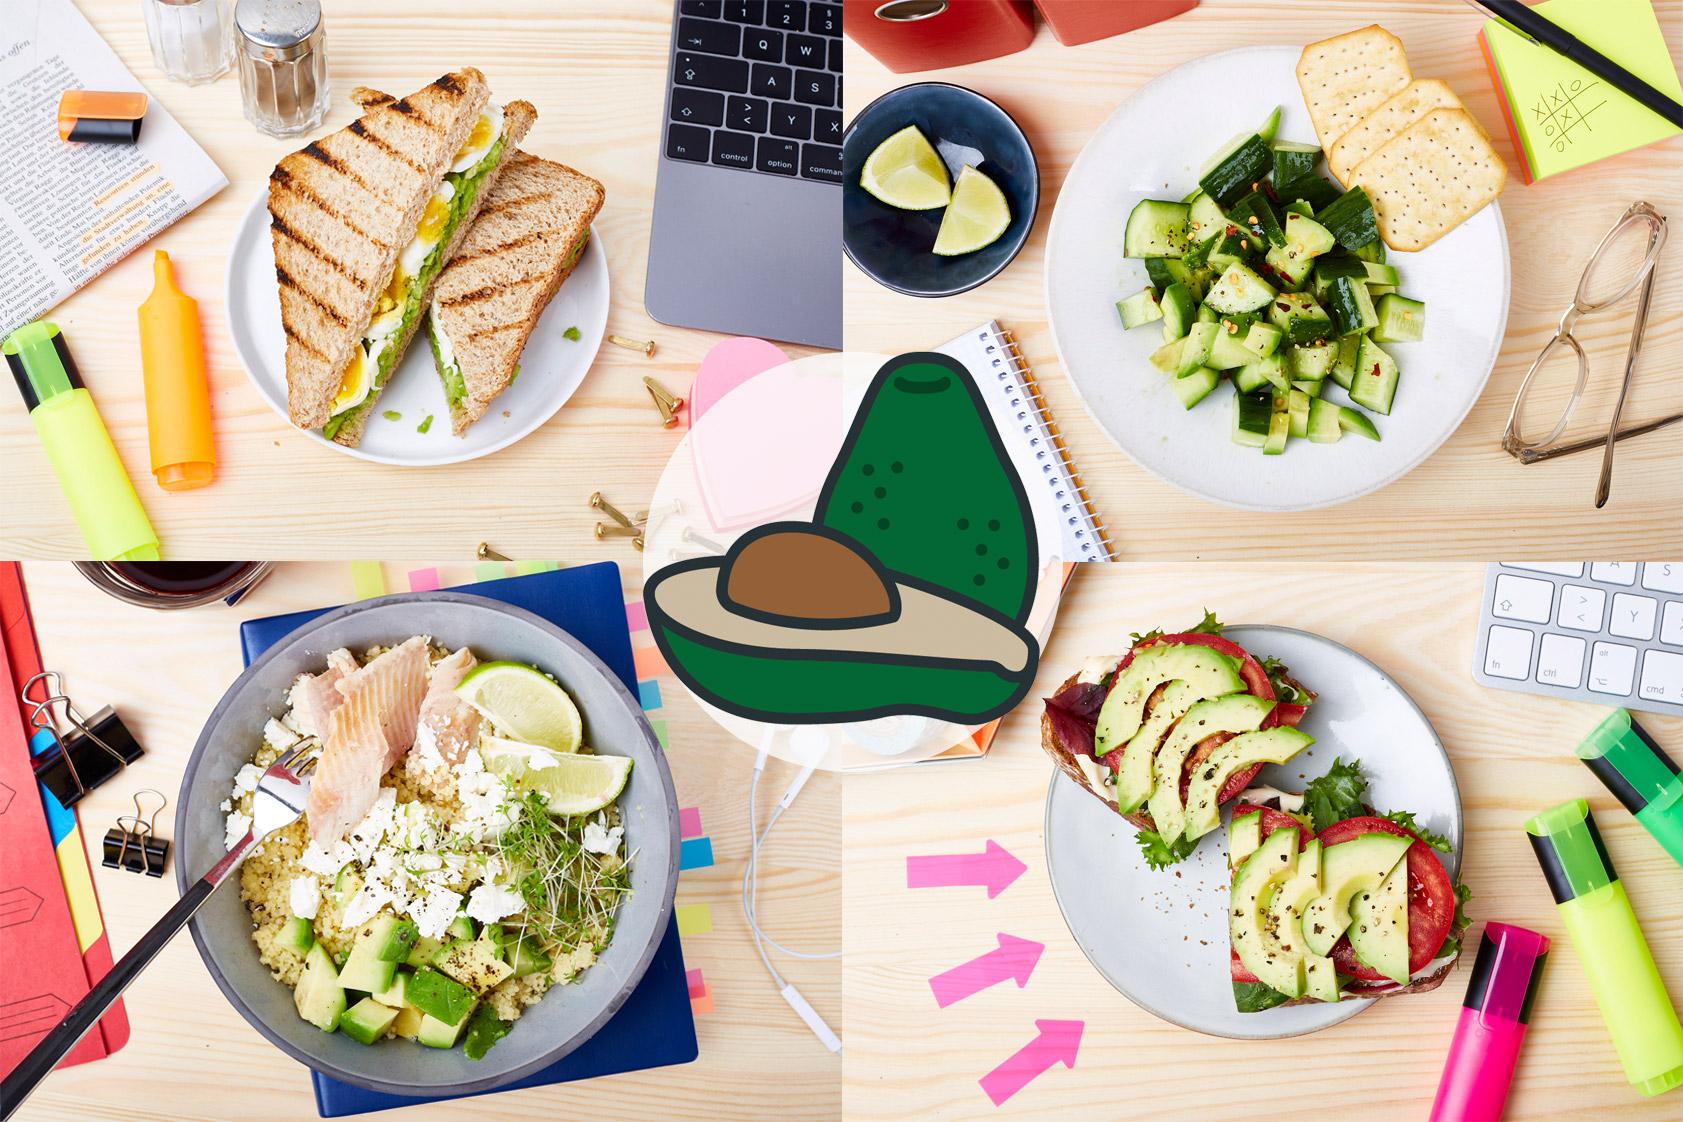 mittagessen-büro-schreibtisch--avocado